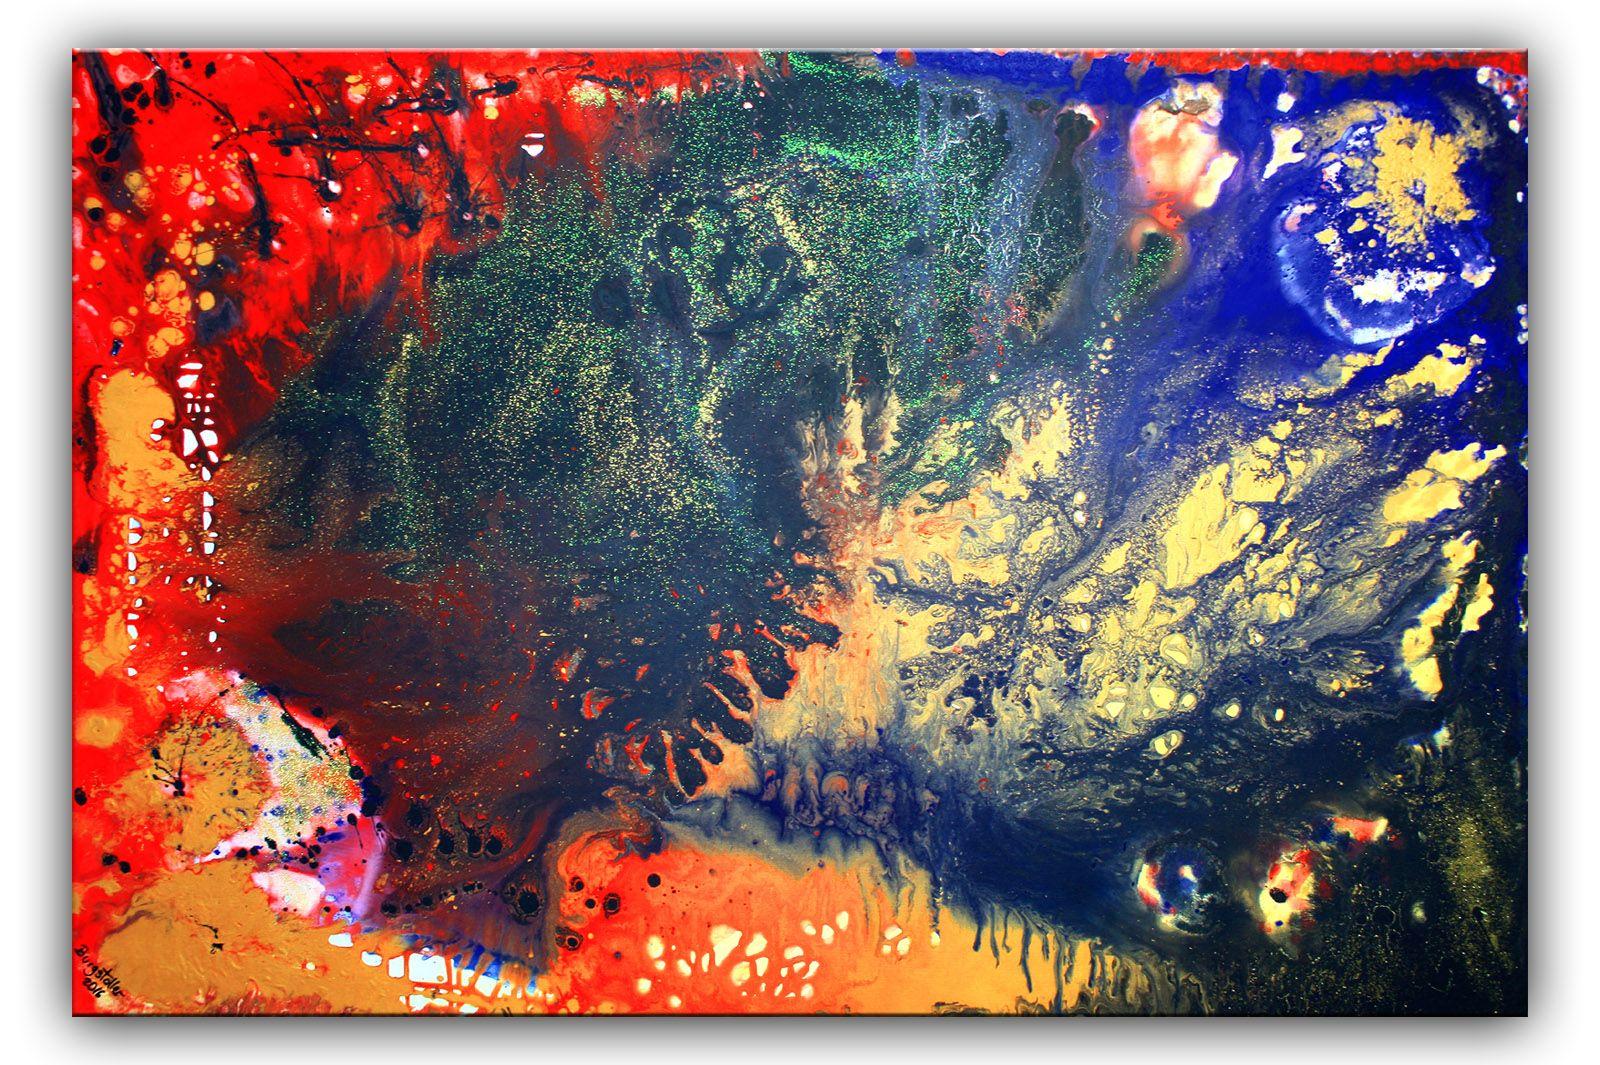 abstrakte Malerei rot gelb blau schwarz - liquid painting ...